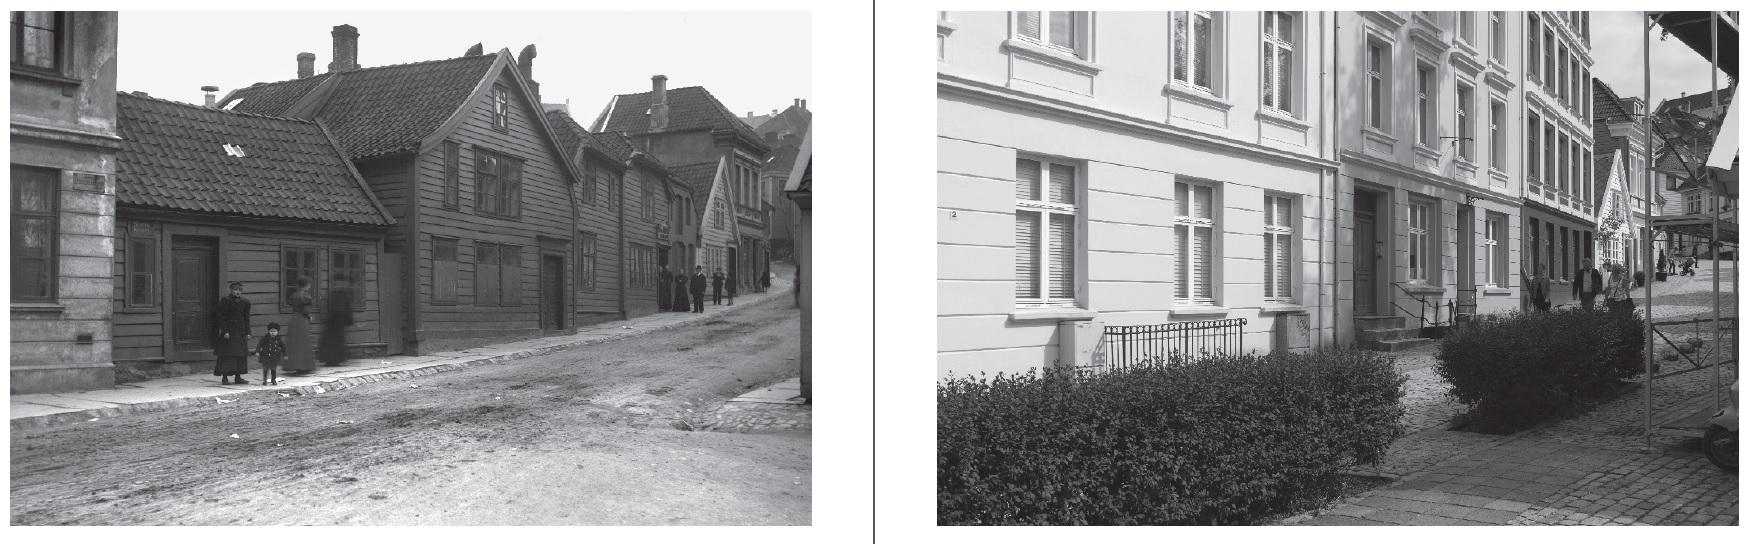 Bergen Sample5